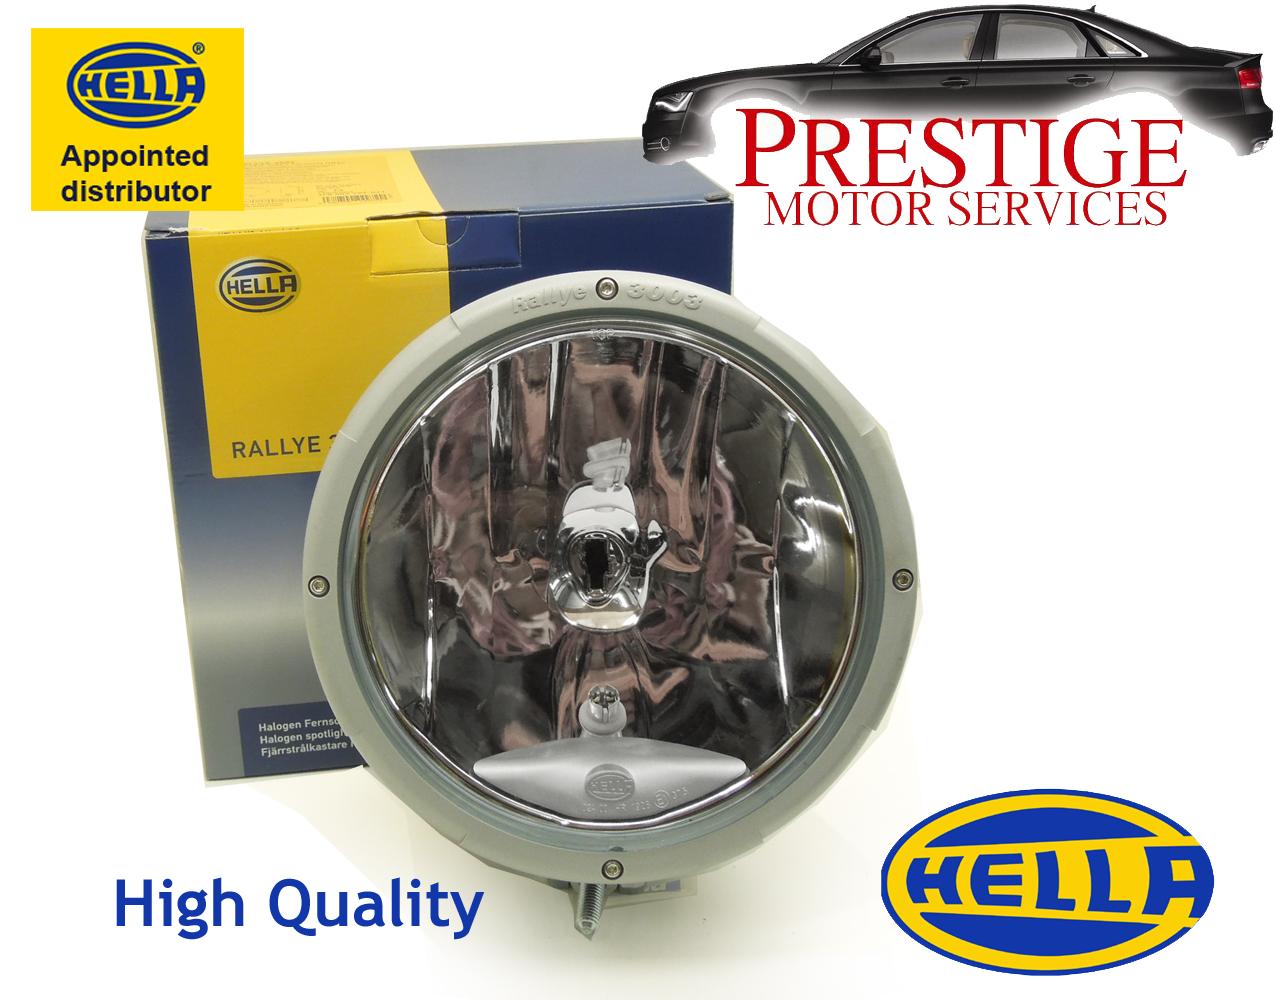 hella-rallye-3003-halogeen-heldere-spot-rijden-licht-lamp-nieuw-1F8009797-021